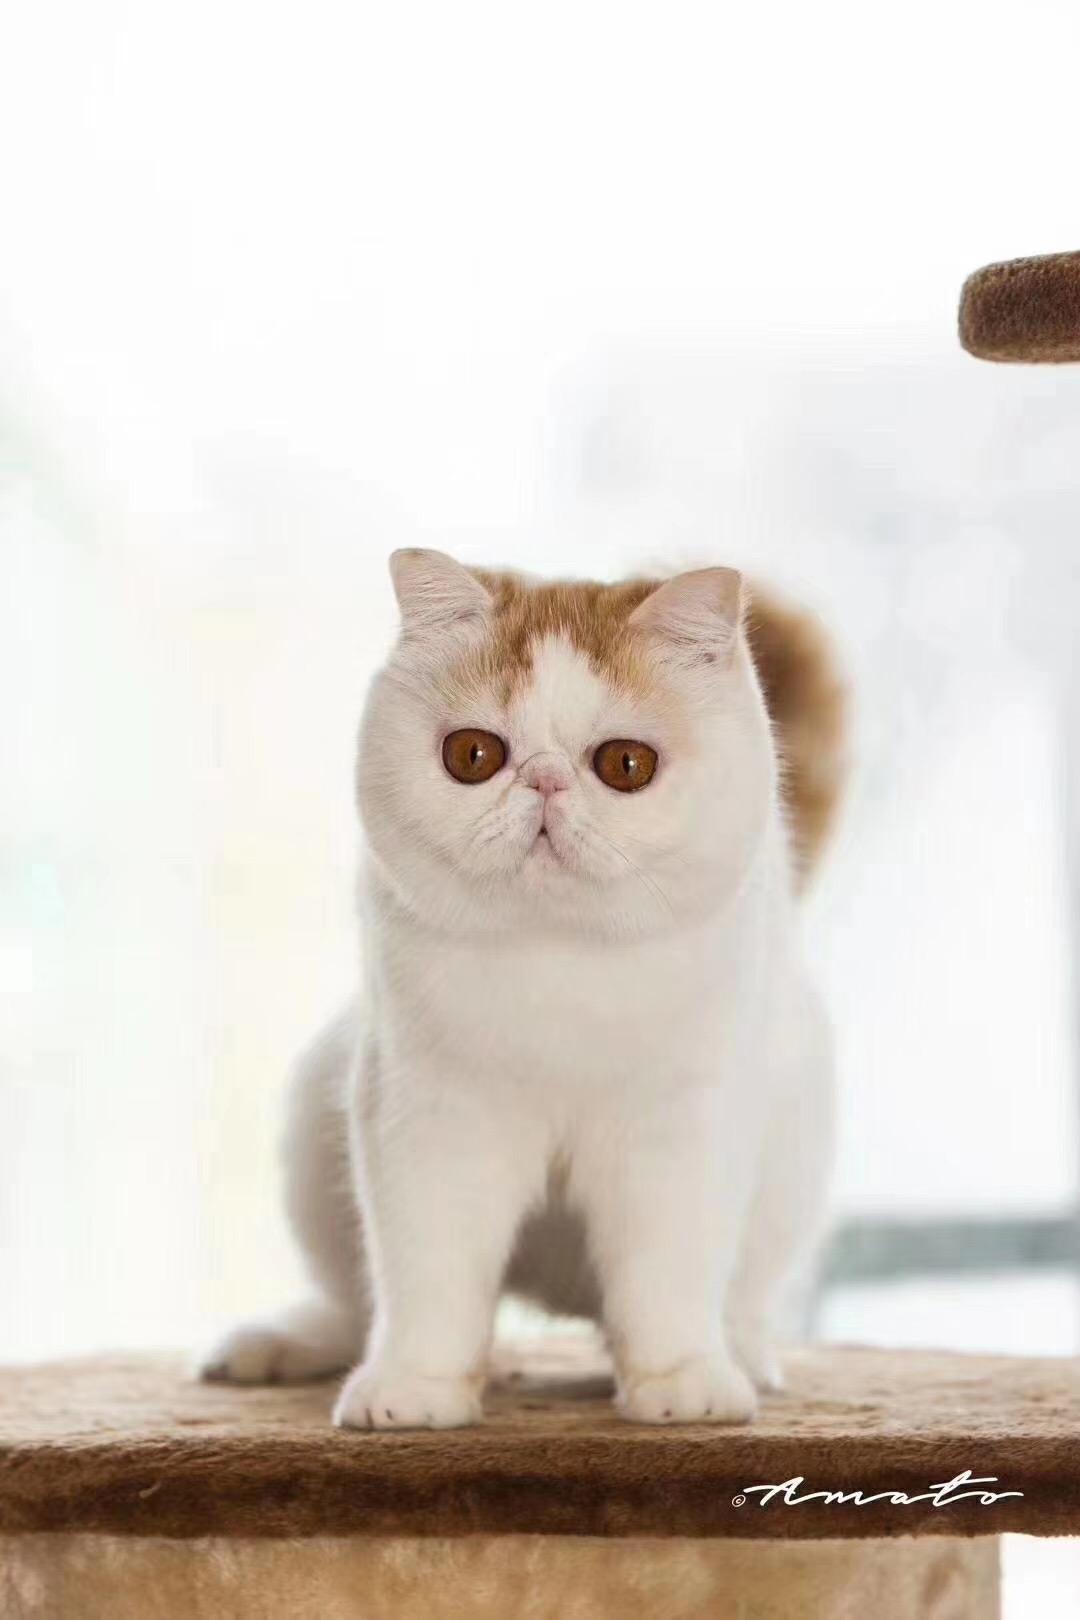 出售纯种加菲猫咪 生活自理健康活泼可爱萌萌 签订协议